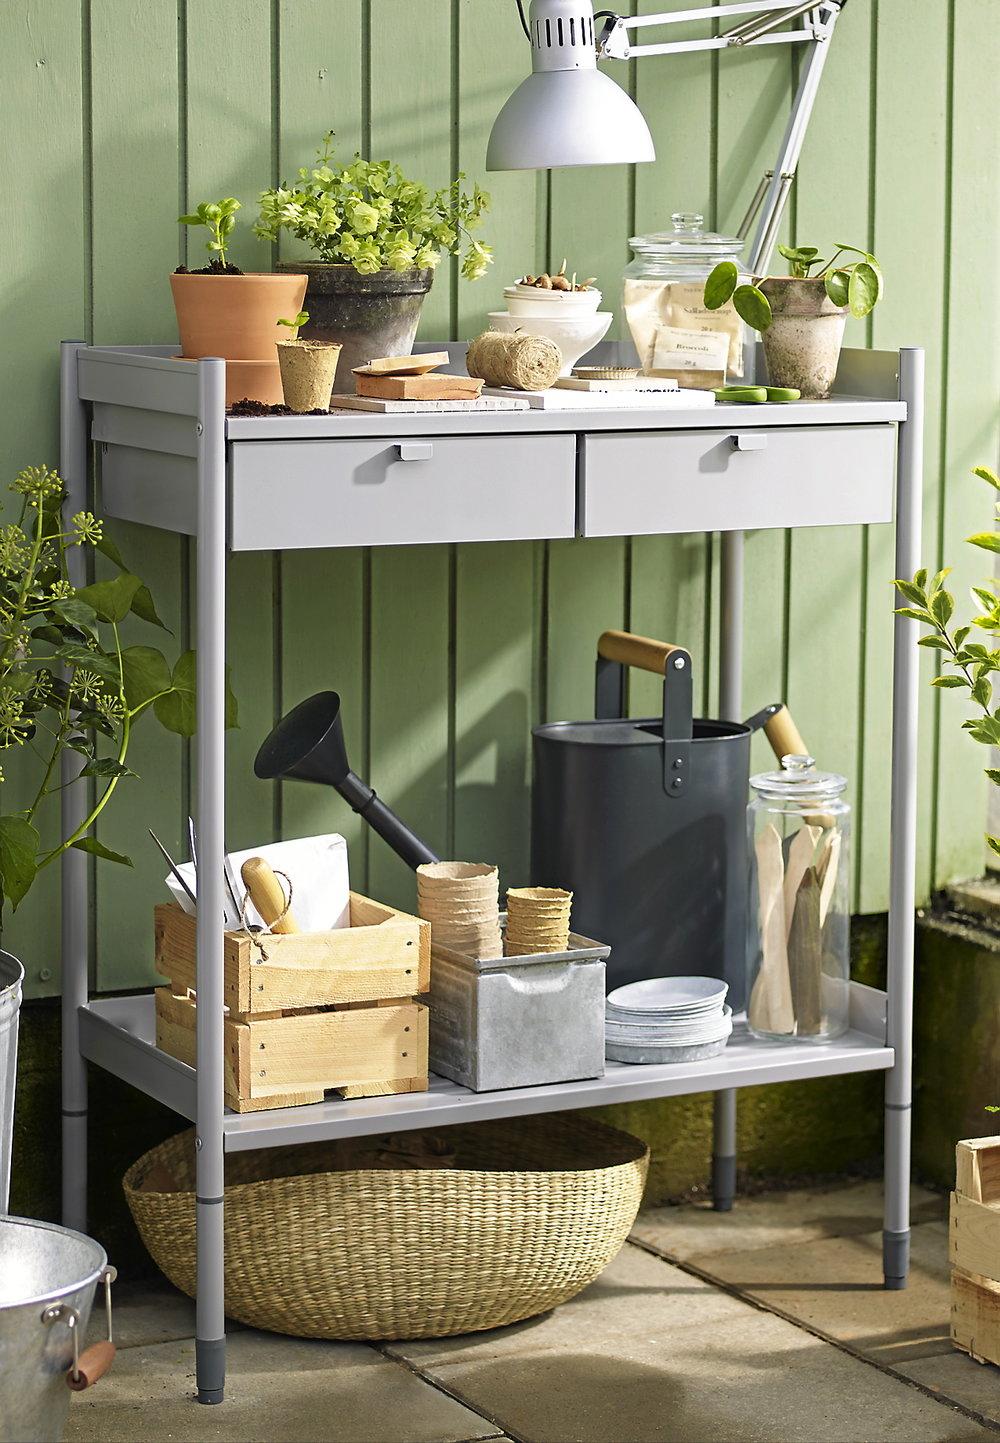 Planteringsbord Hindö av stål är idealisk när du ska plantera. Förvaring för fröer, redskap och annat som du vill ha nära till hands när du ska odla.595 kronor, IKEA.